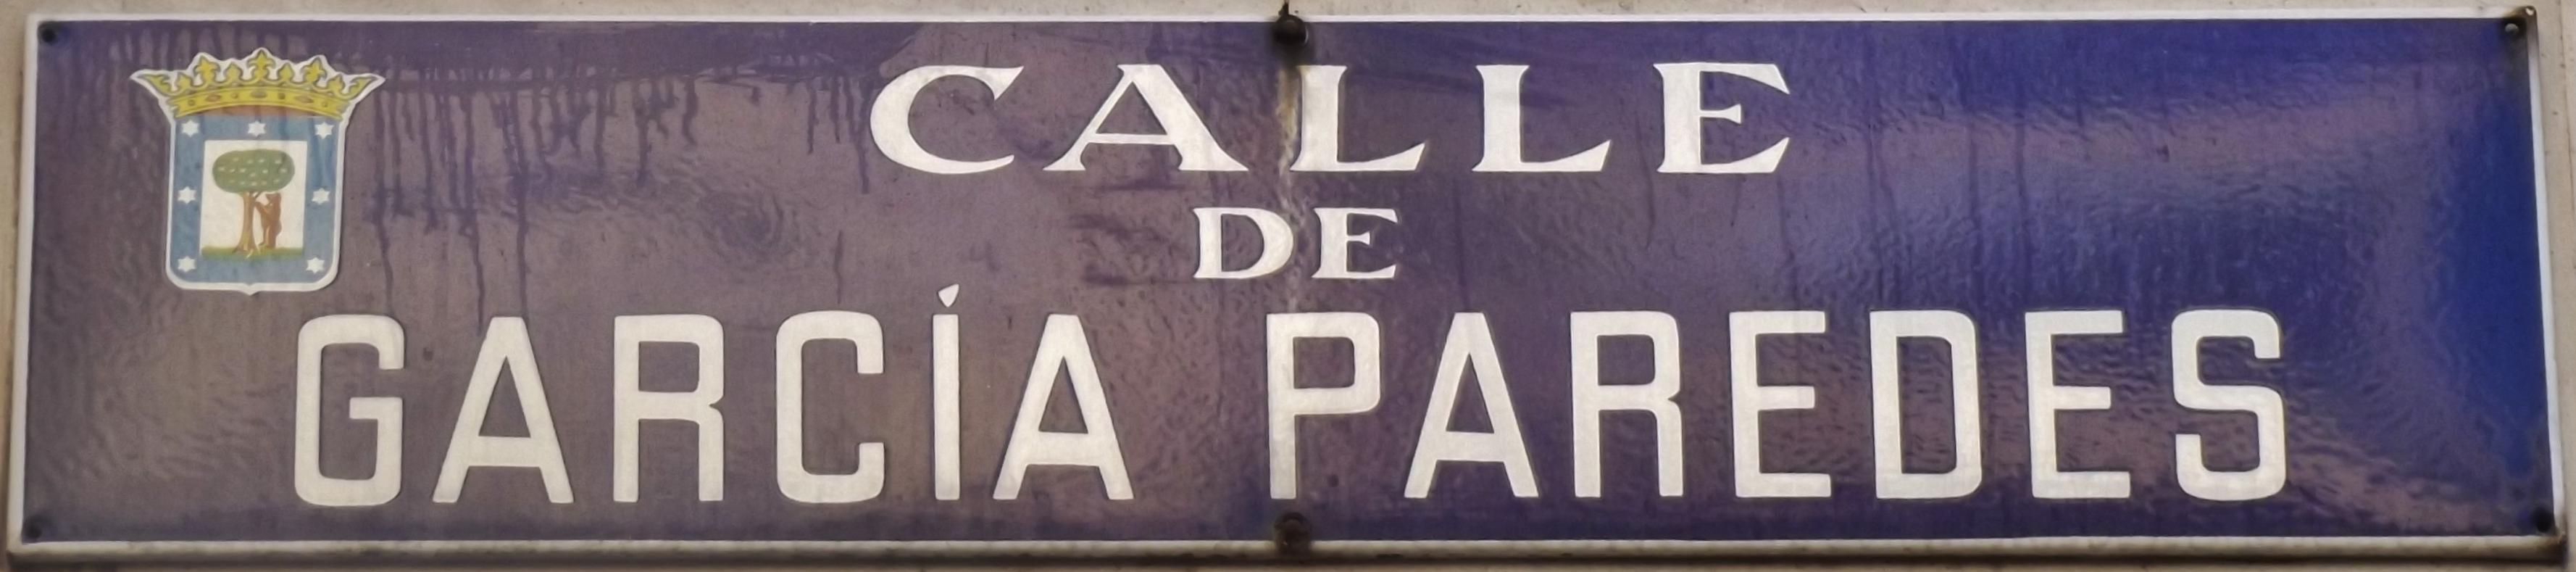 Archivo Placa De La Calle De Garcia De Paredes Cropped Jpg